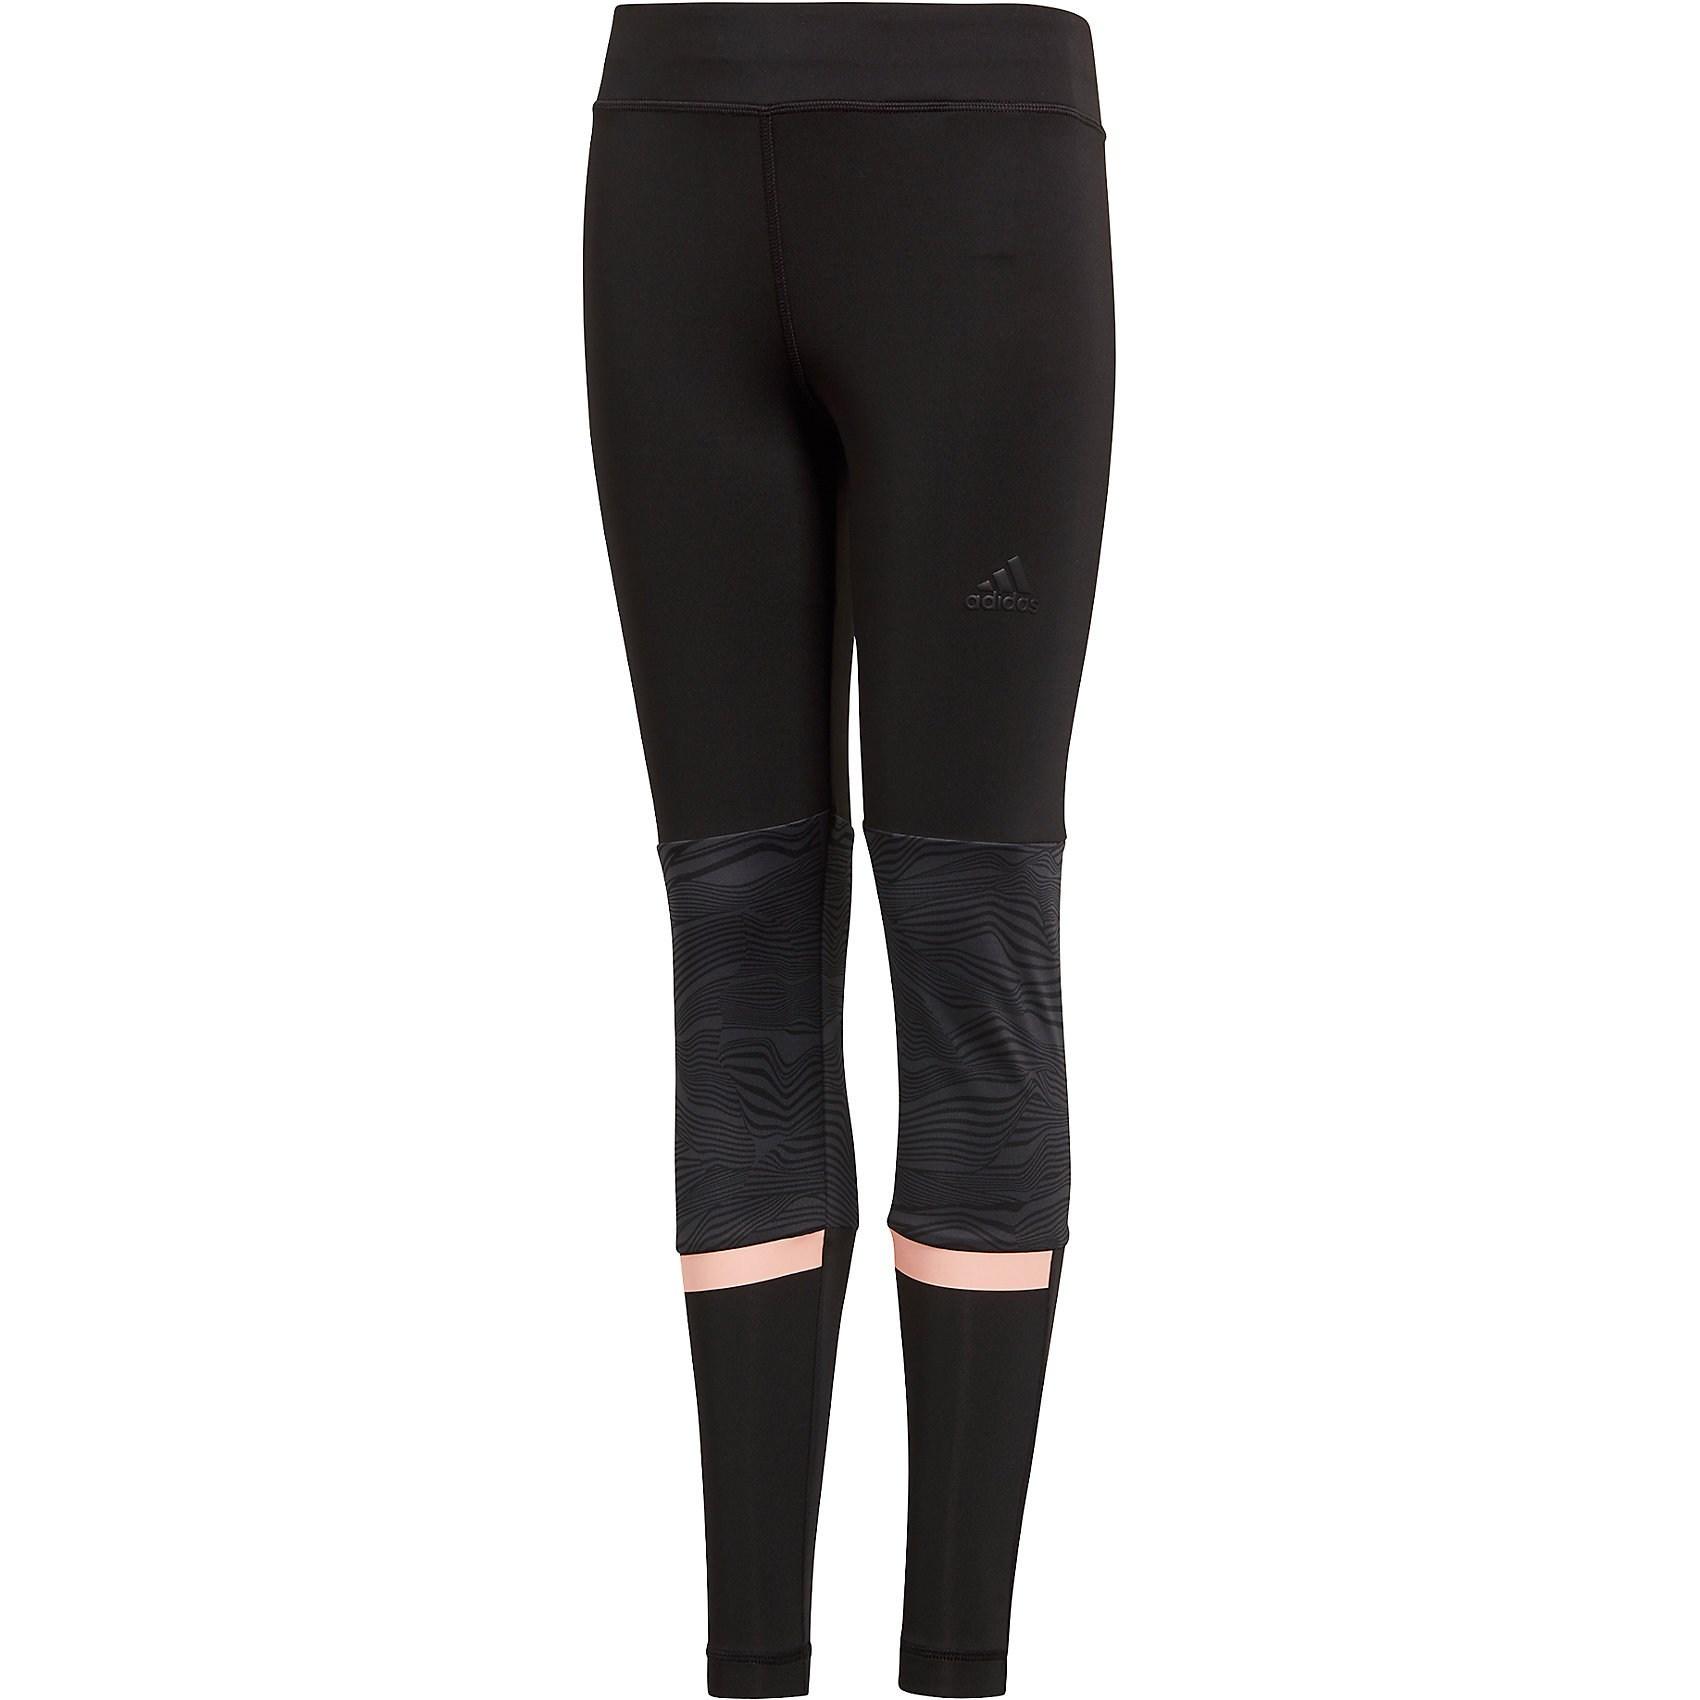 ... ADIDAS PERFORMANCE Sportovní kalhoty  YG TR 1 1 Tight  broskvová   černá.  -25% Nové ... 271363309e